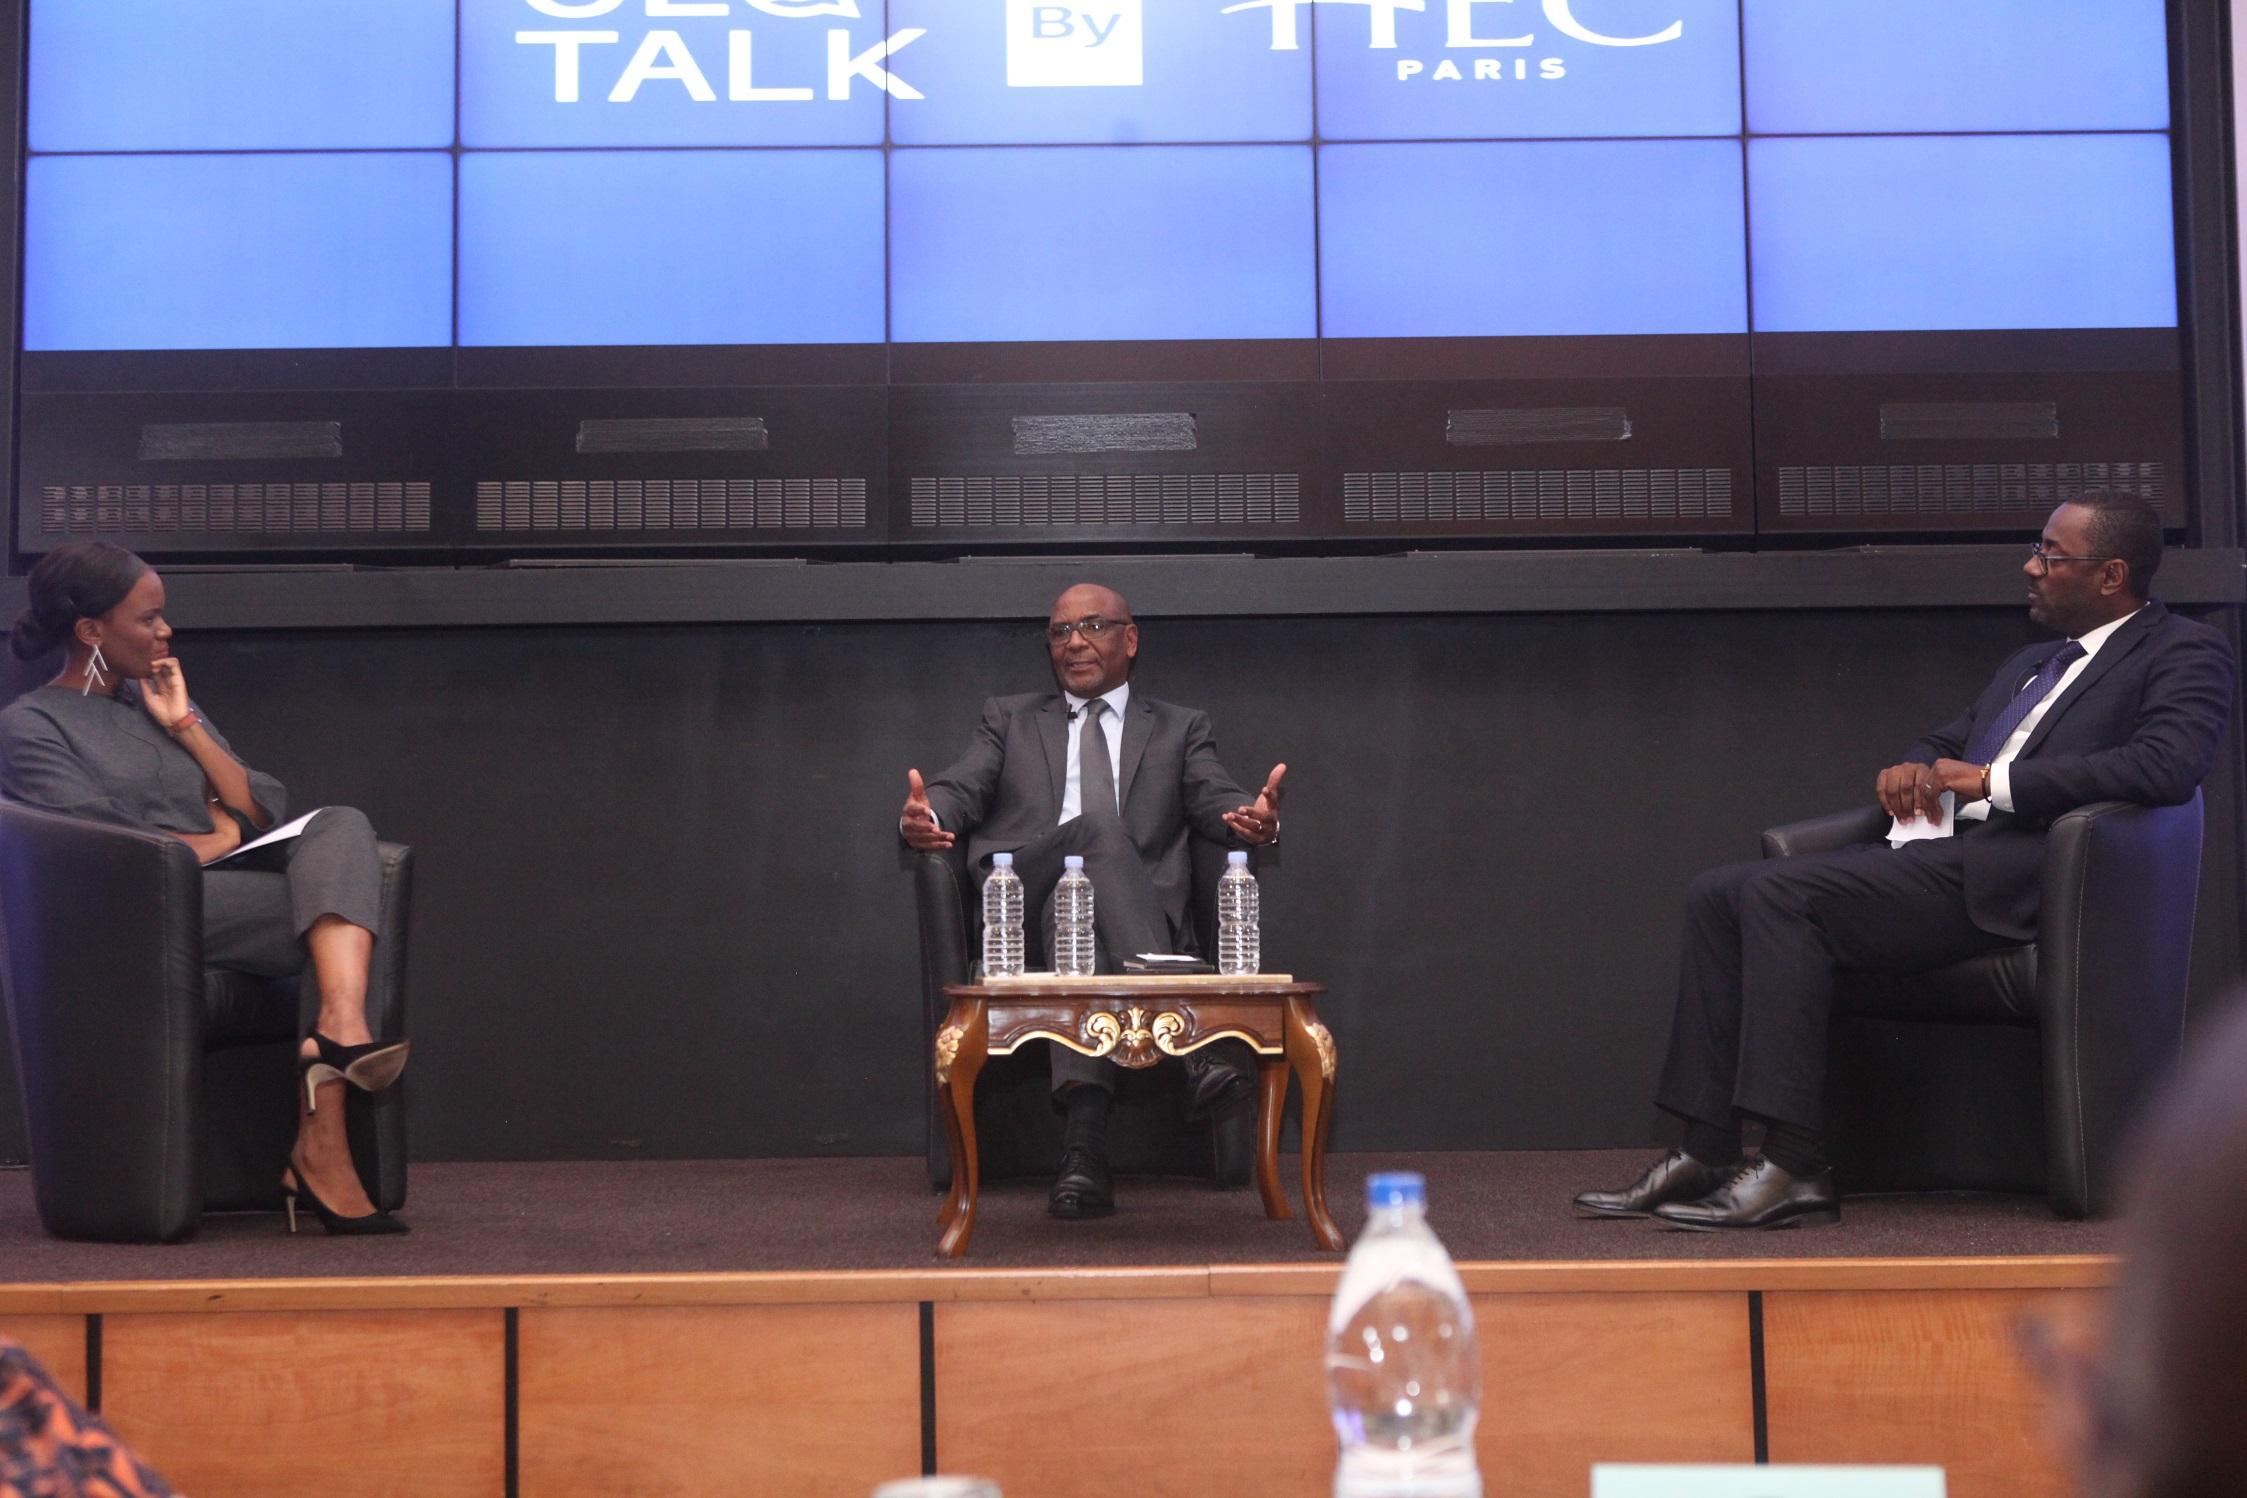 CEO TALK HEC : Le Président du groupe AVOS (SIPRA, LMCI, SARES)  M. Aka Jean-Marie, fait des confidences sur son parcours entrepreneurial et  partage son expérience professionnelle avec de nombreux chefs d'entreprises